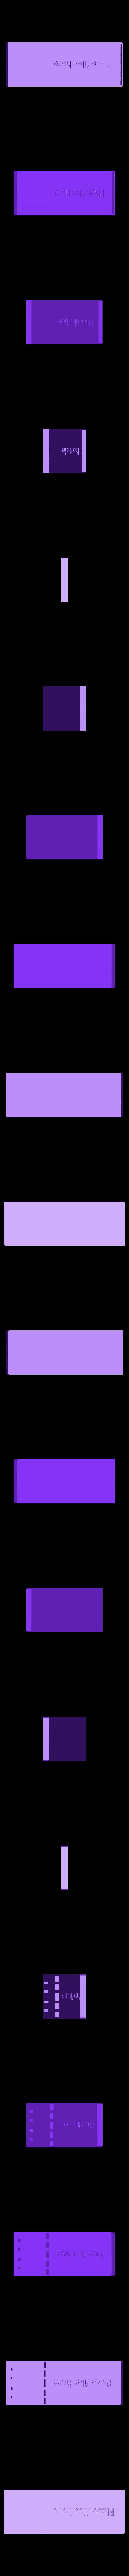 NFH.stl Télécharger fichier STL gratuit Stockage des fichiers d'aiguilles • Design pour impression 3D, DK7